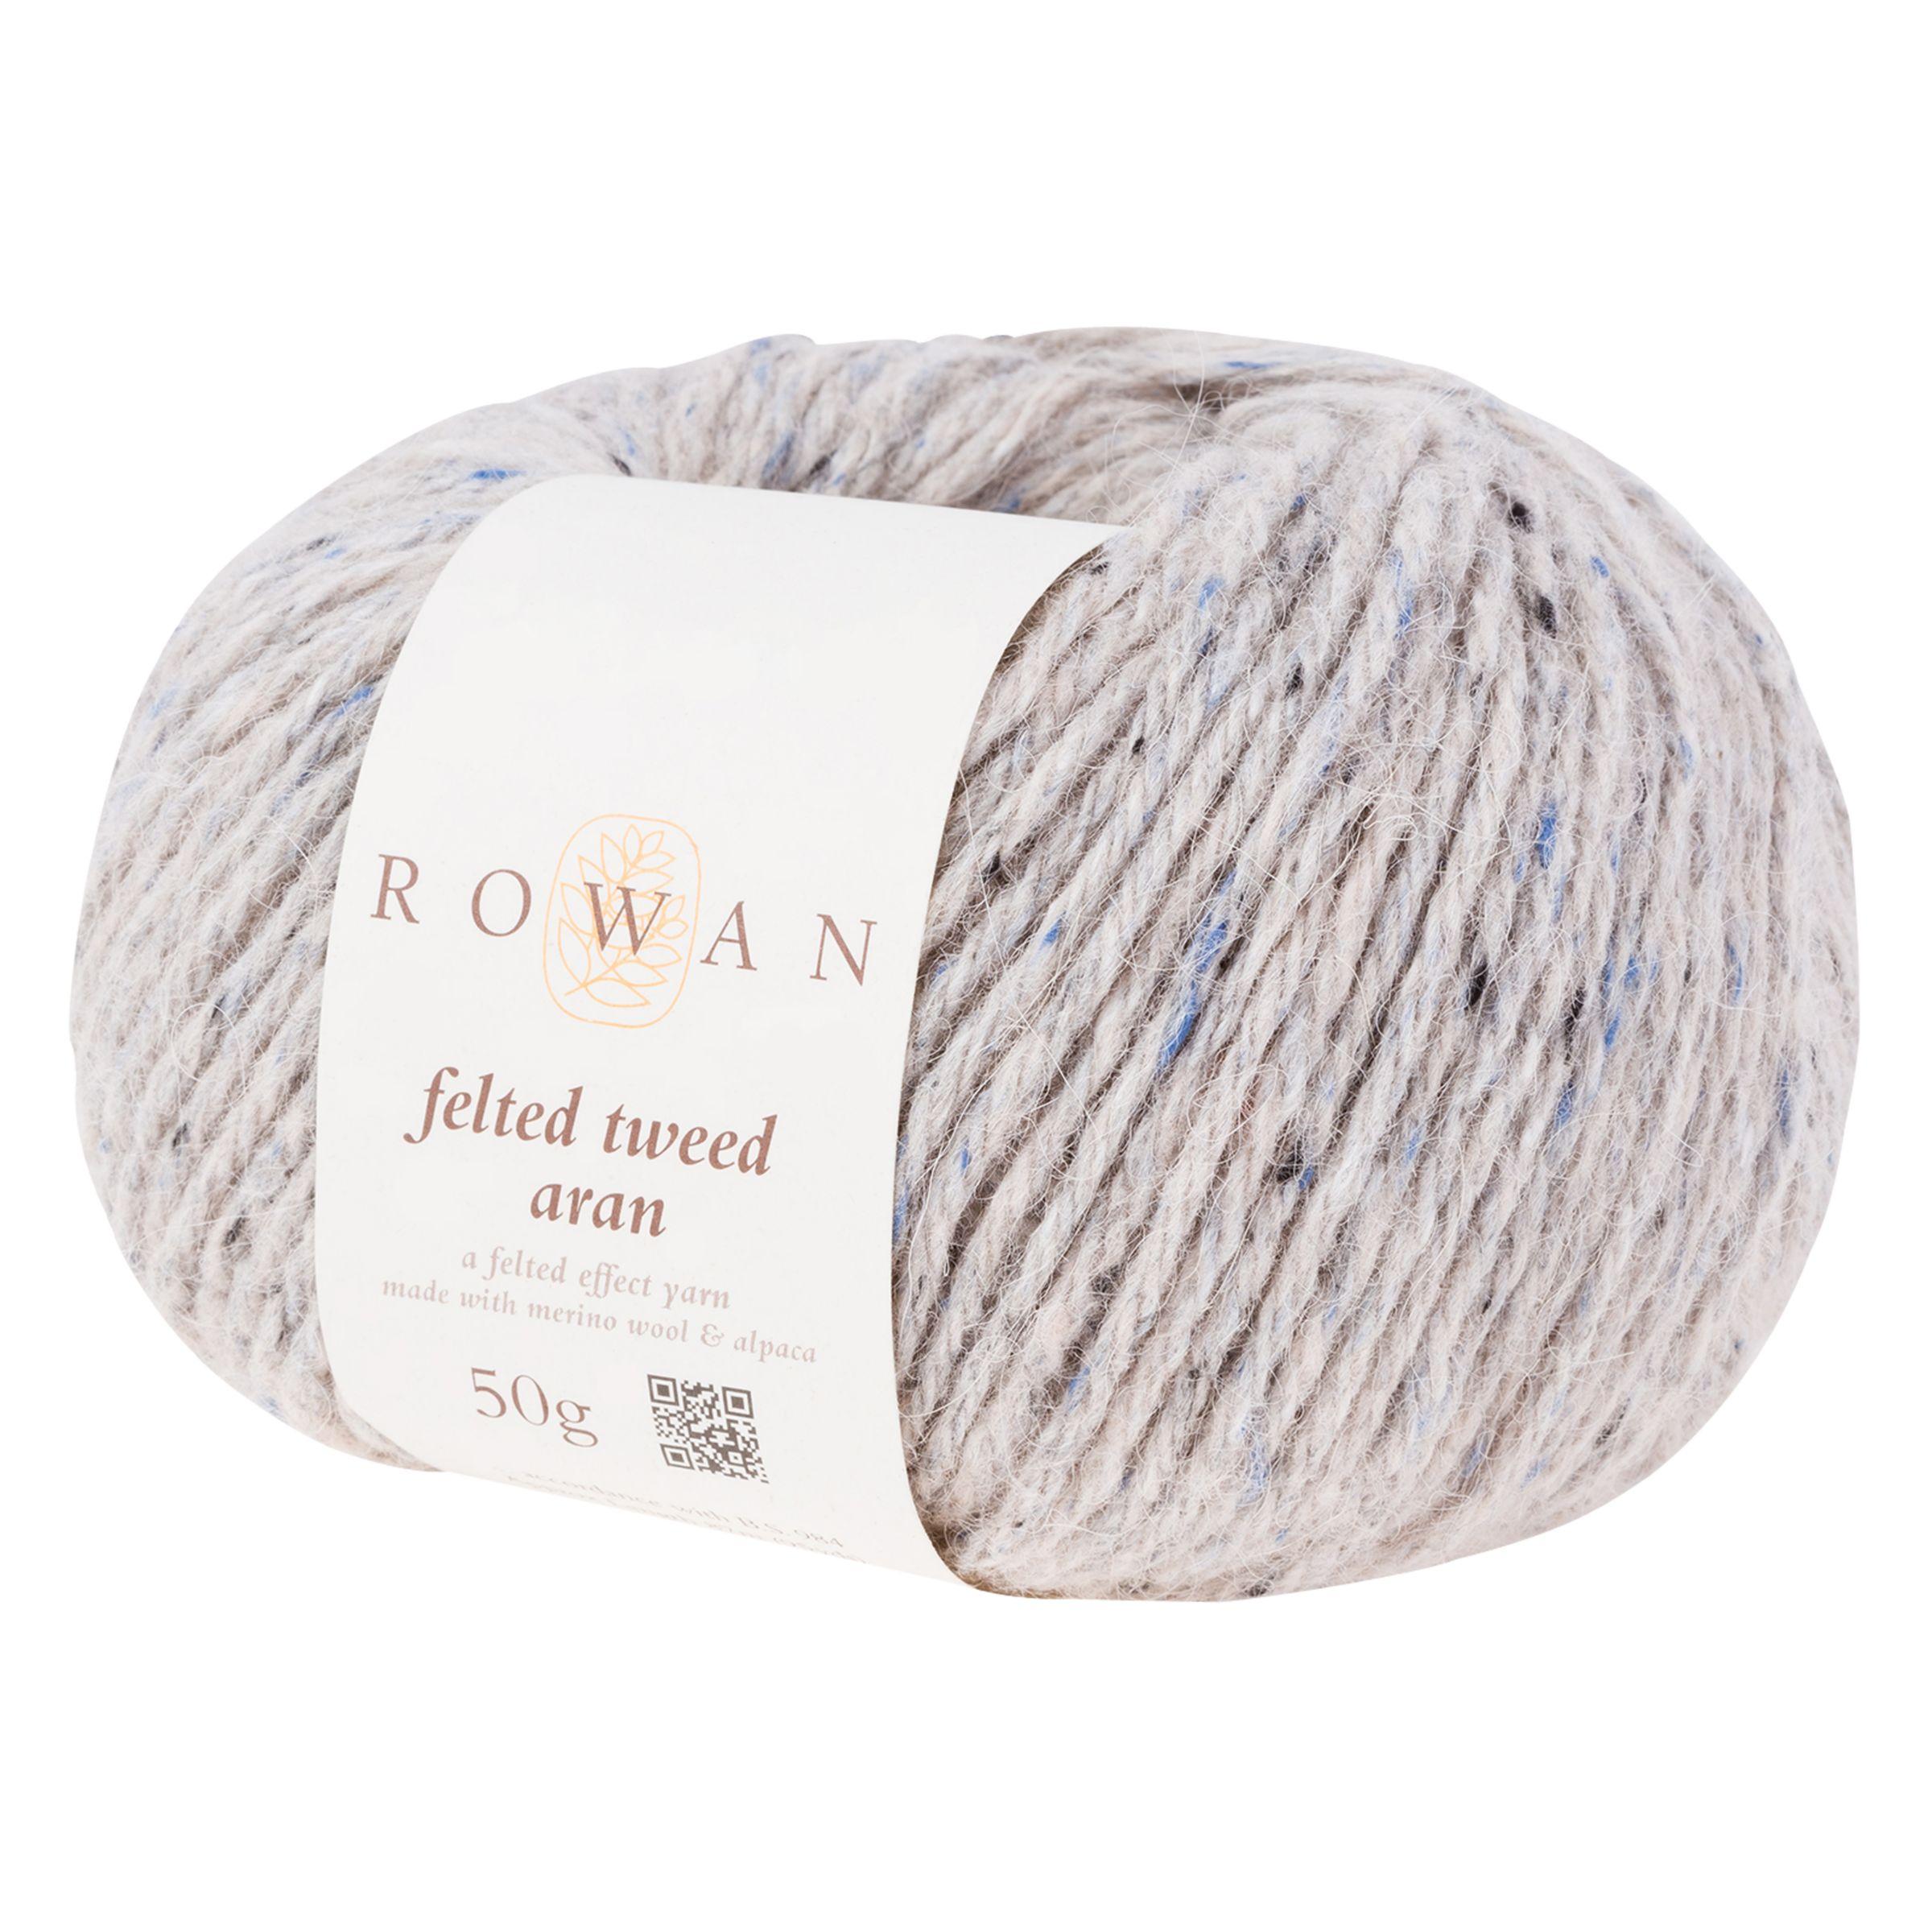 Rowan Rowan Felted Tweed Aran Yarn, 50g